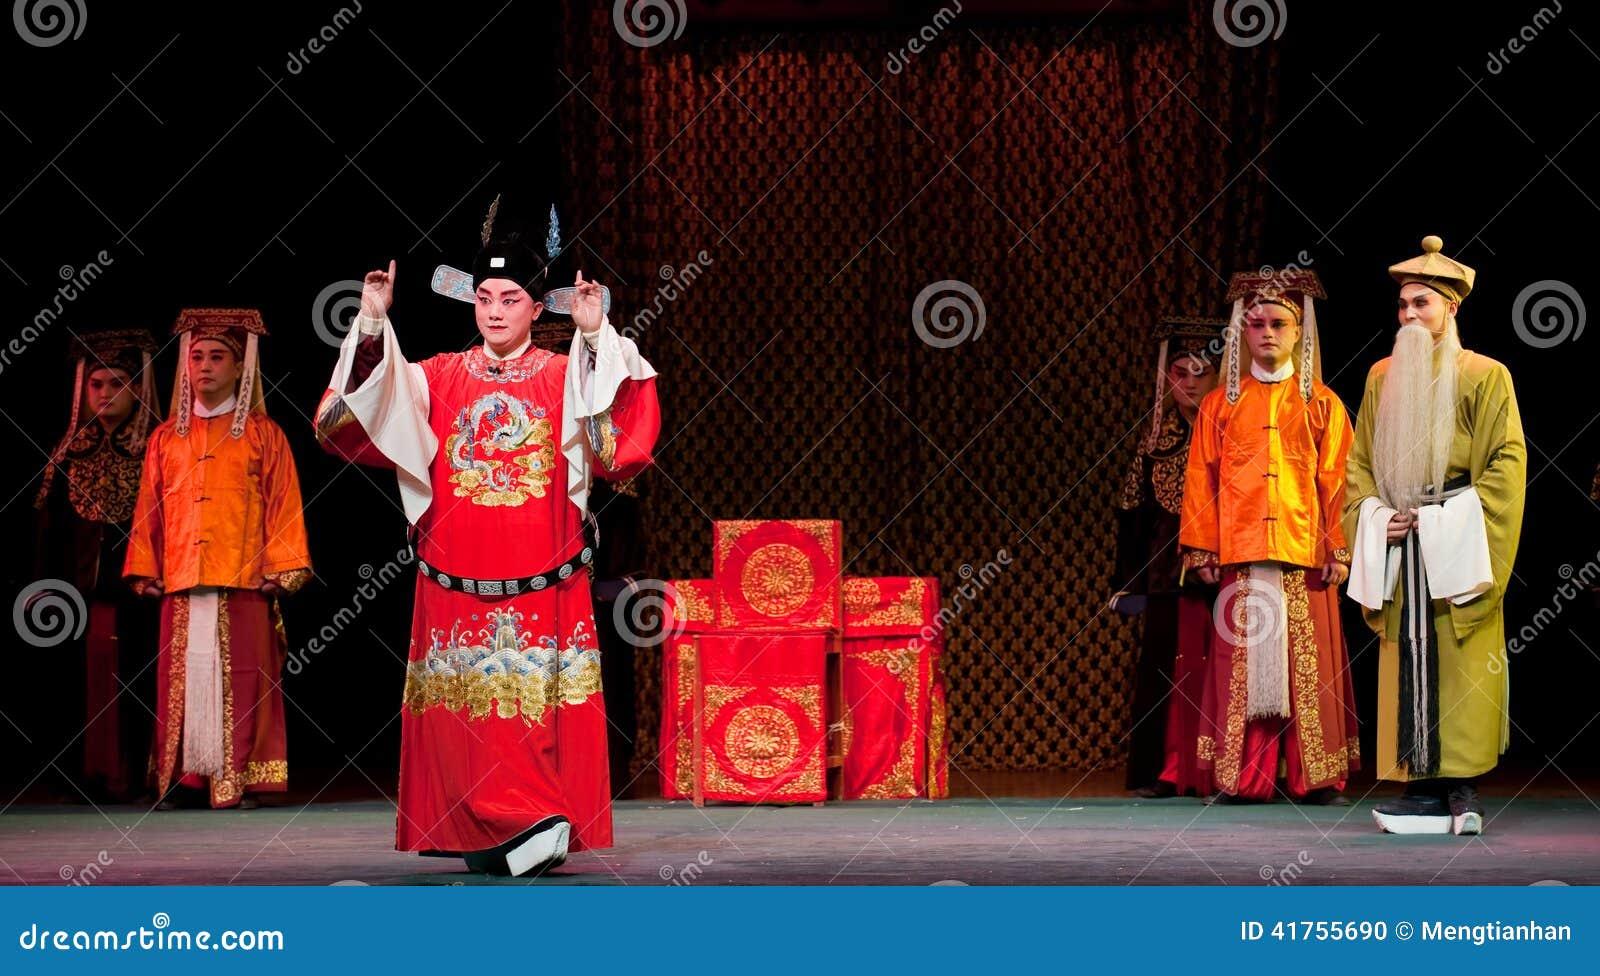 Champion-Jiangxi opera: Breeze Pavilion